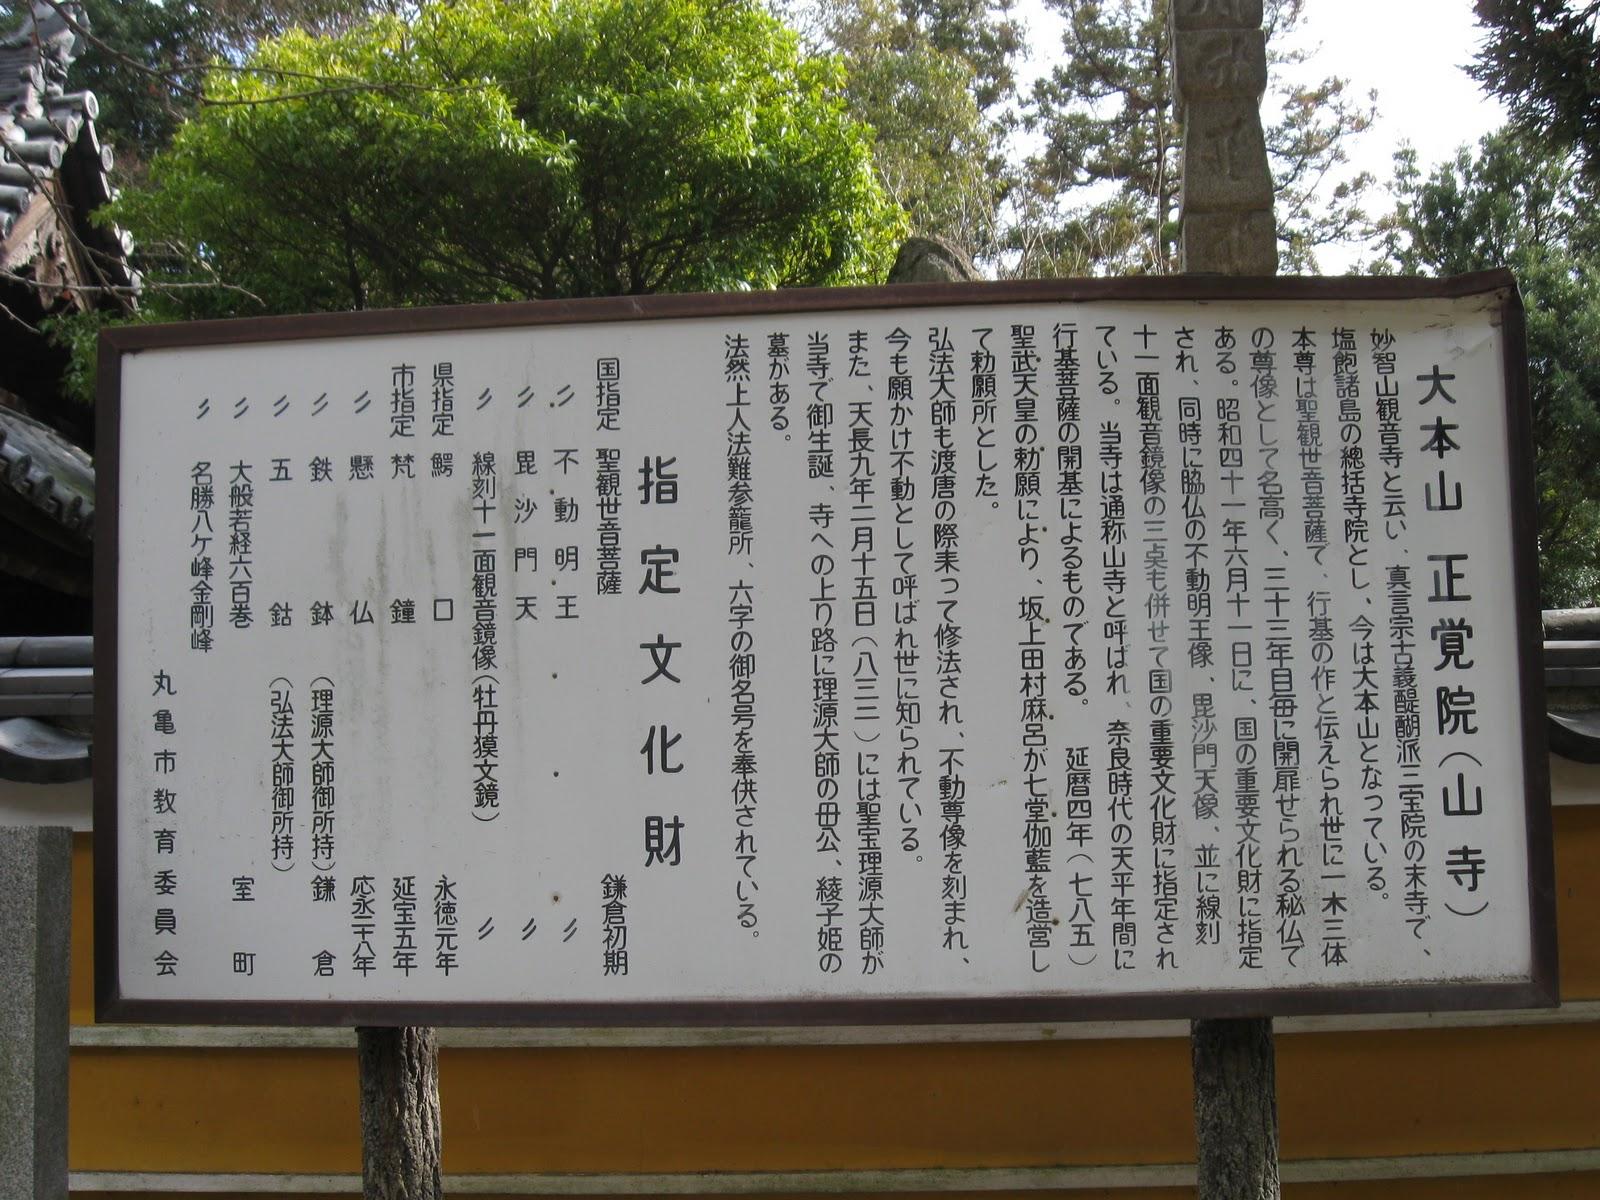 瀬戸内海・塩飽本島(しわくほんじま)